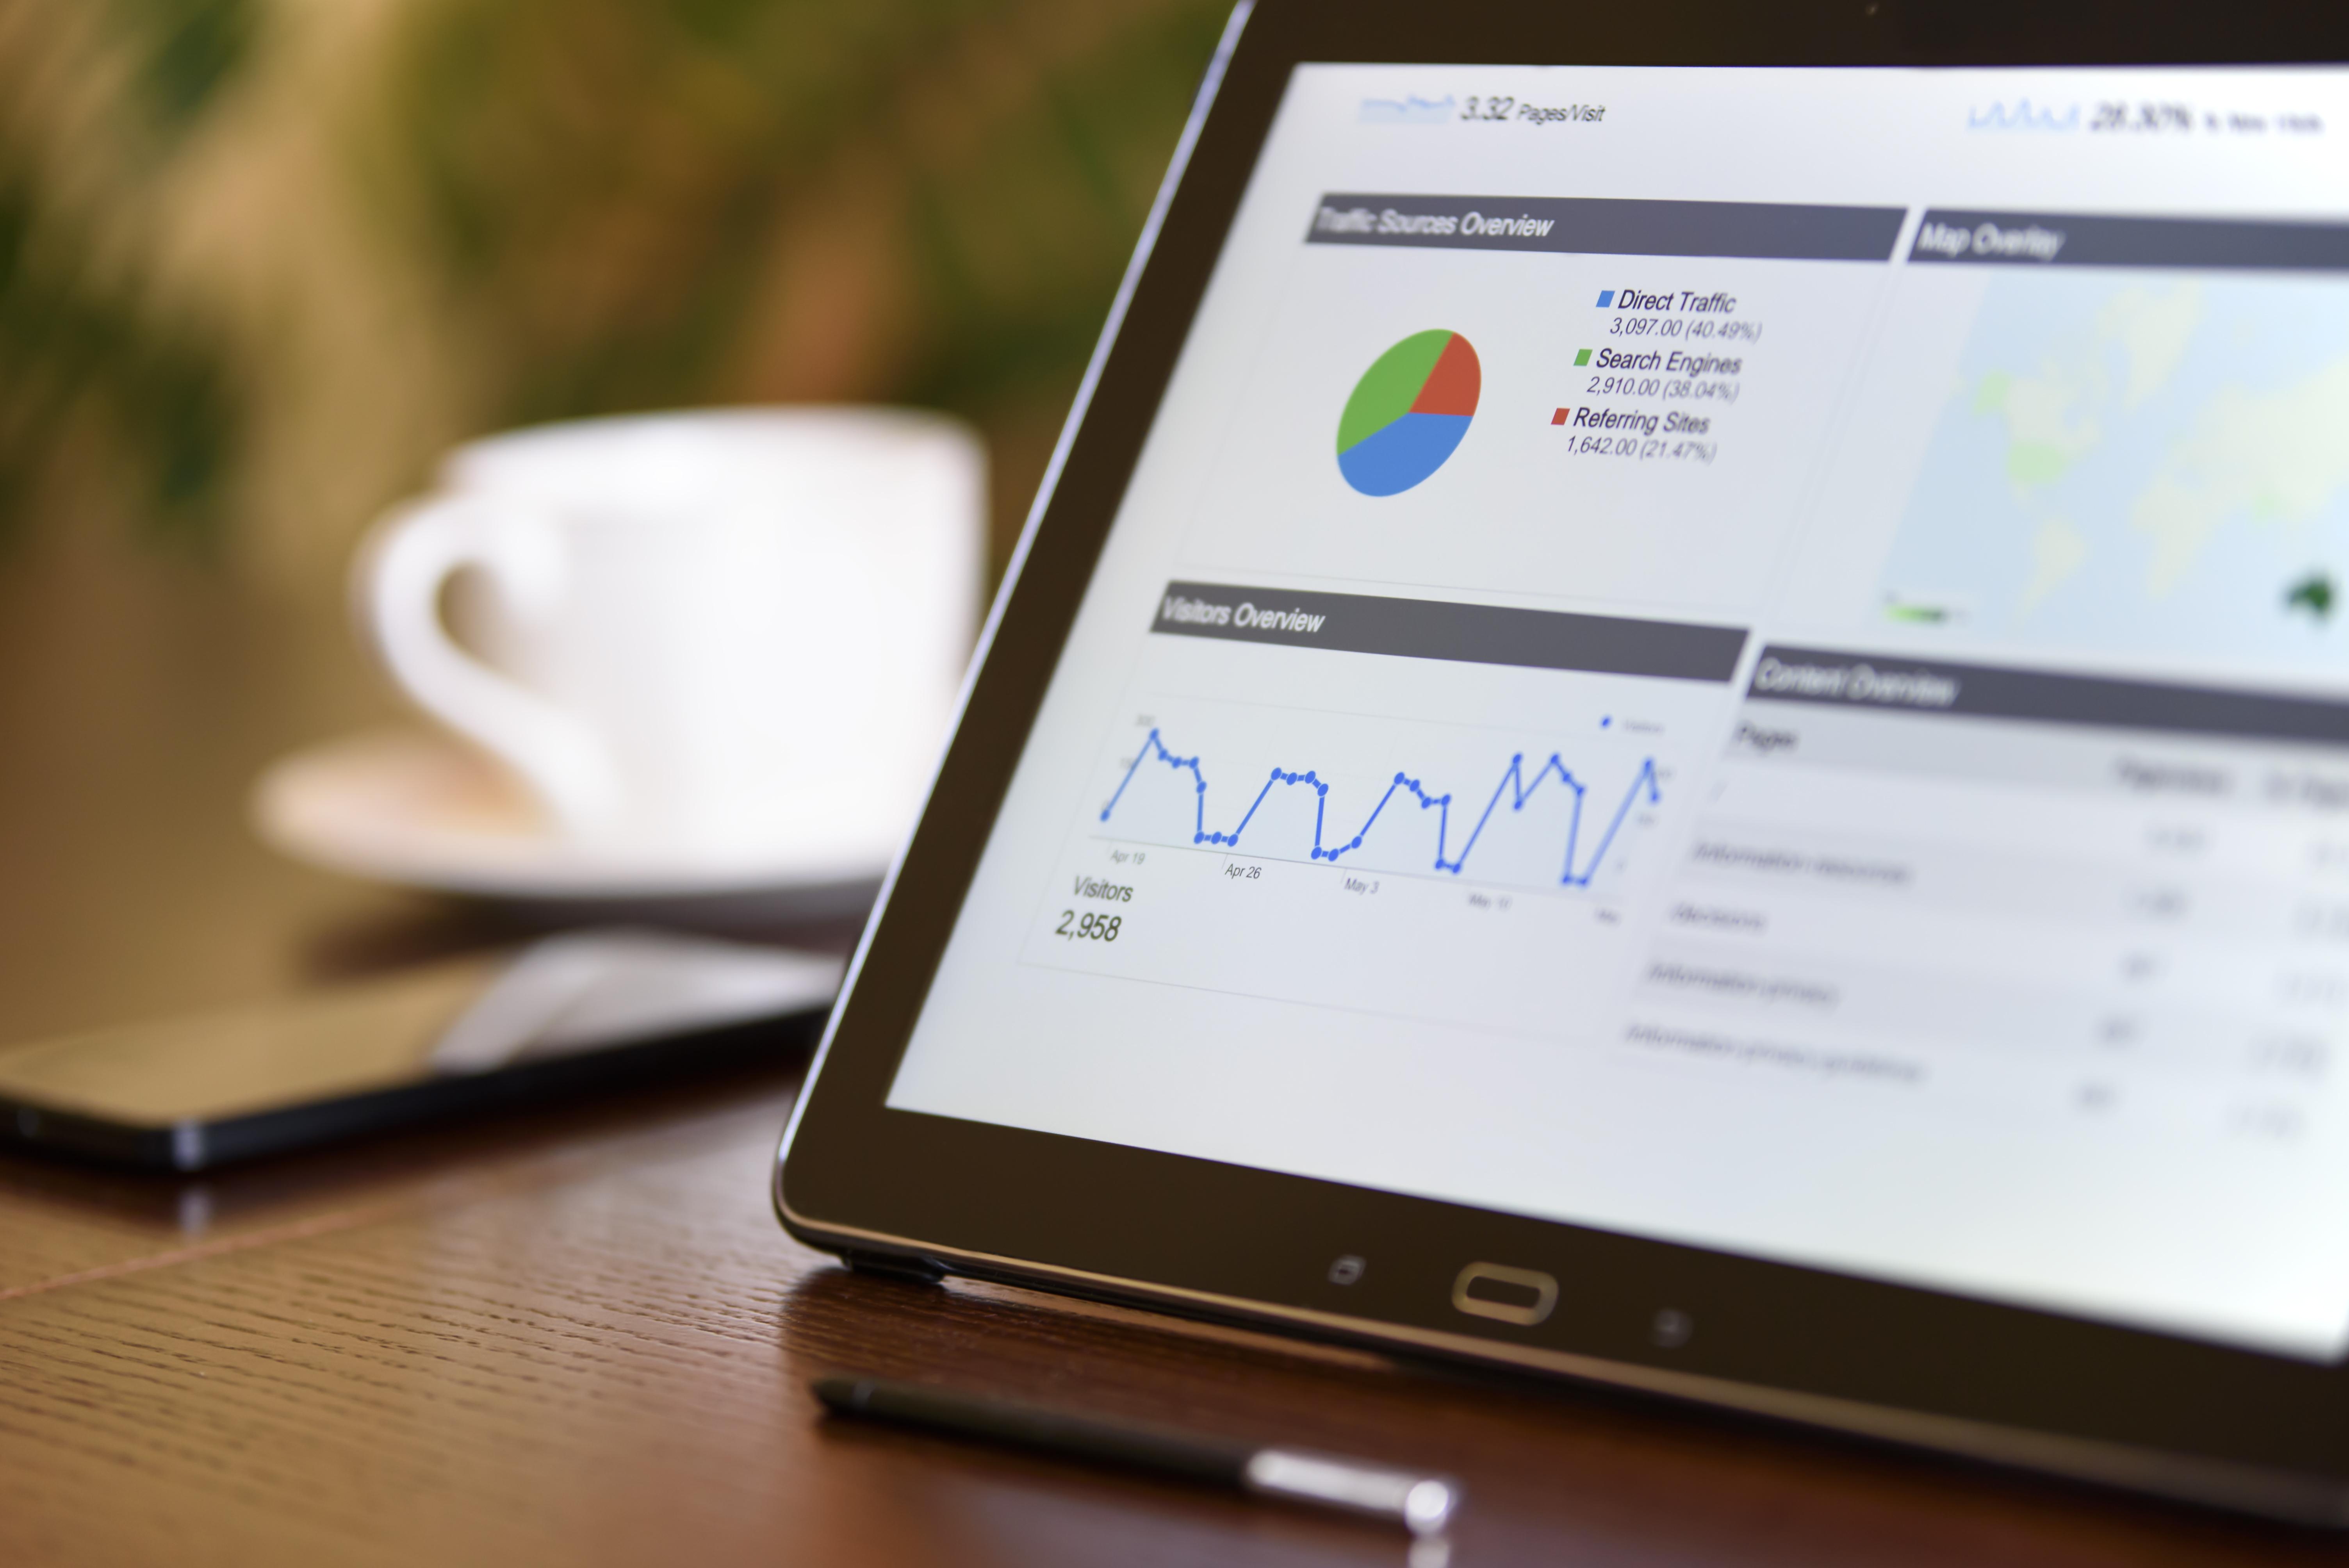 Data van je bedrijf analyseren door middel van je analytics